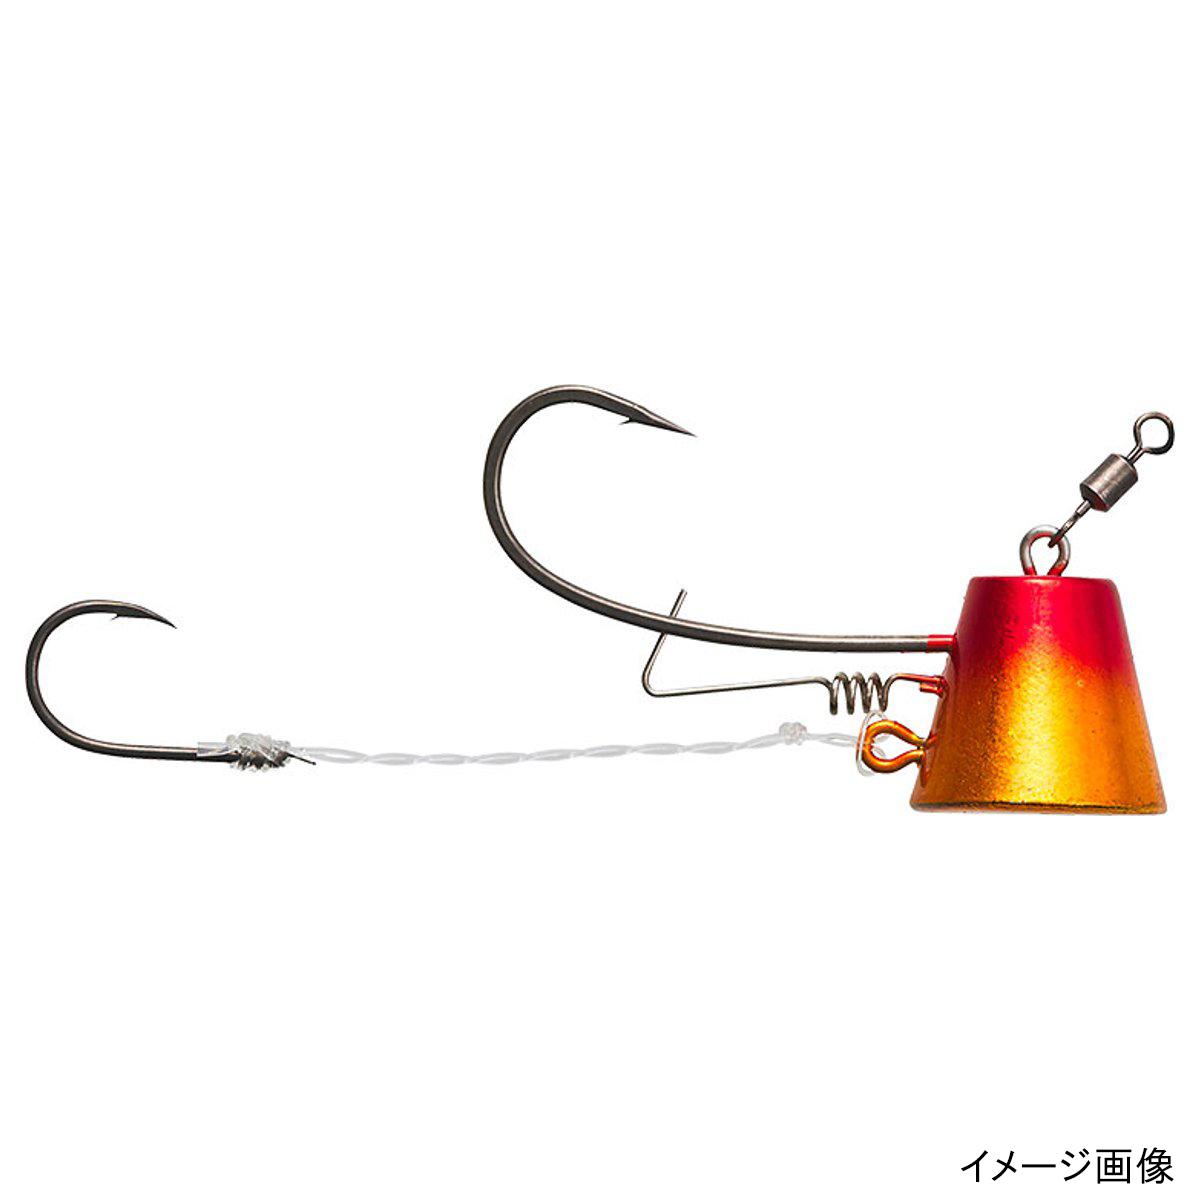 紅牙タイテンヤ SS エビロック 2号 ケイムラ赤/金 ダイワ【ゆうパケット】